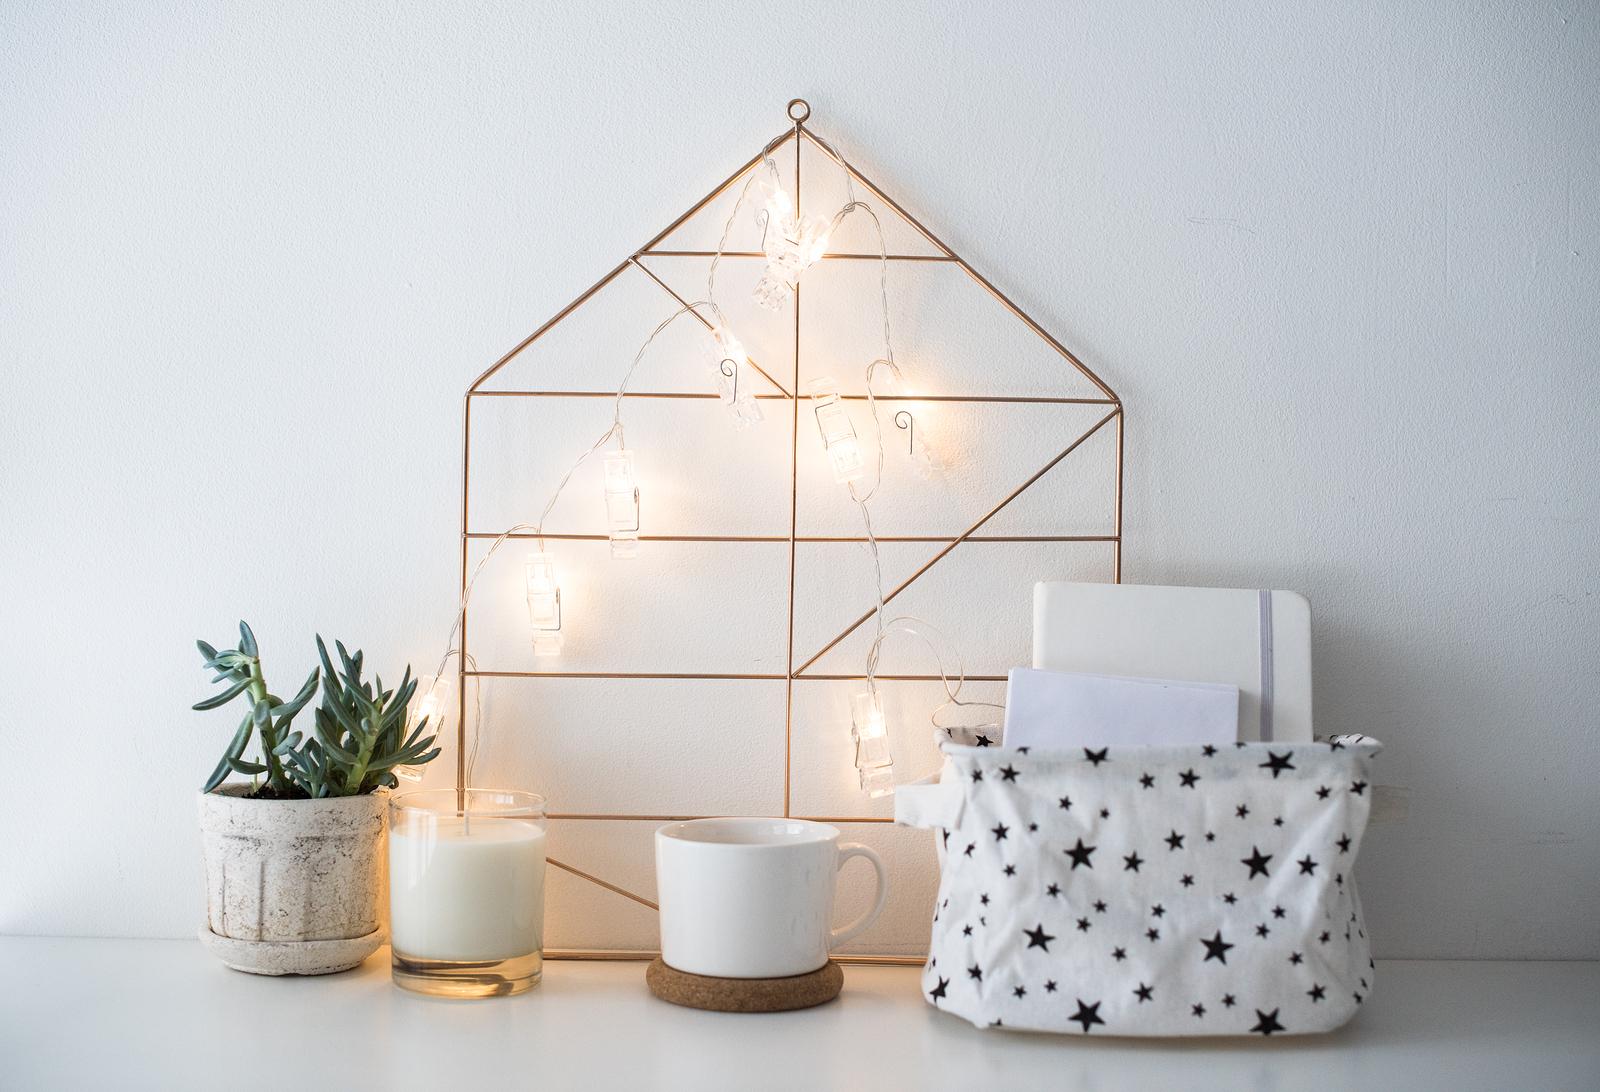 dorm room decorations